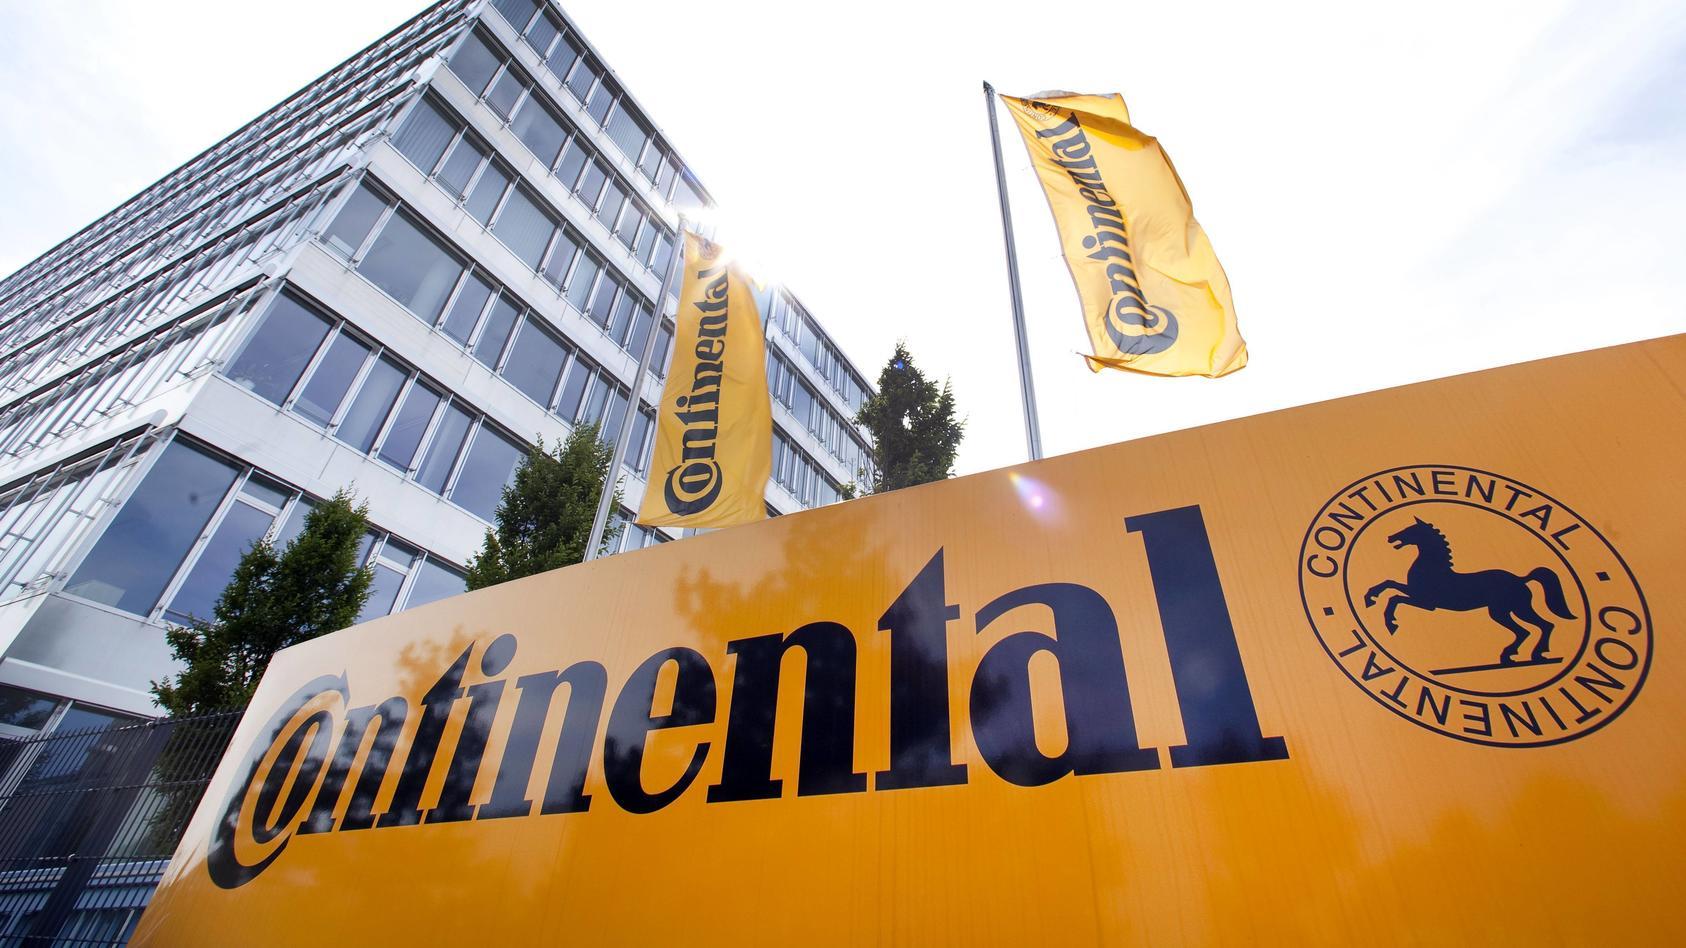 Zentrale der Continental Automotive GmbH in Regensburg, Bayern,